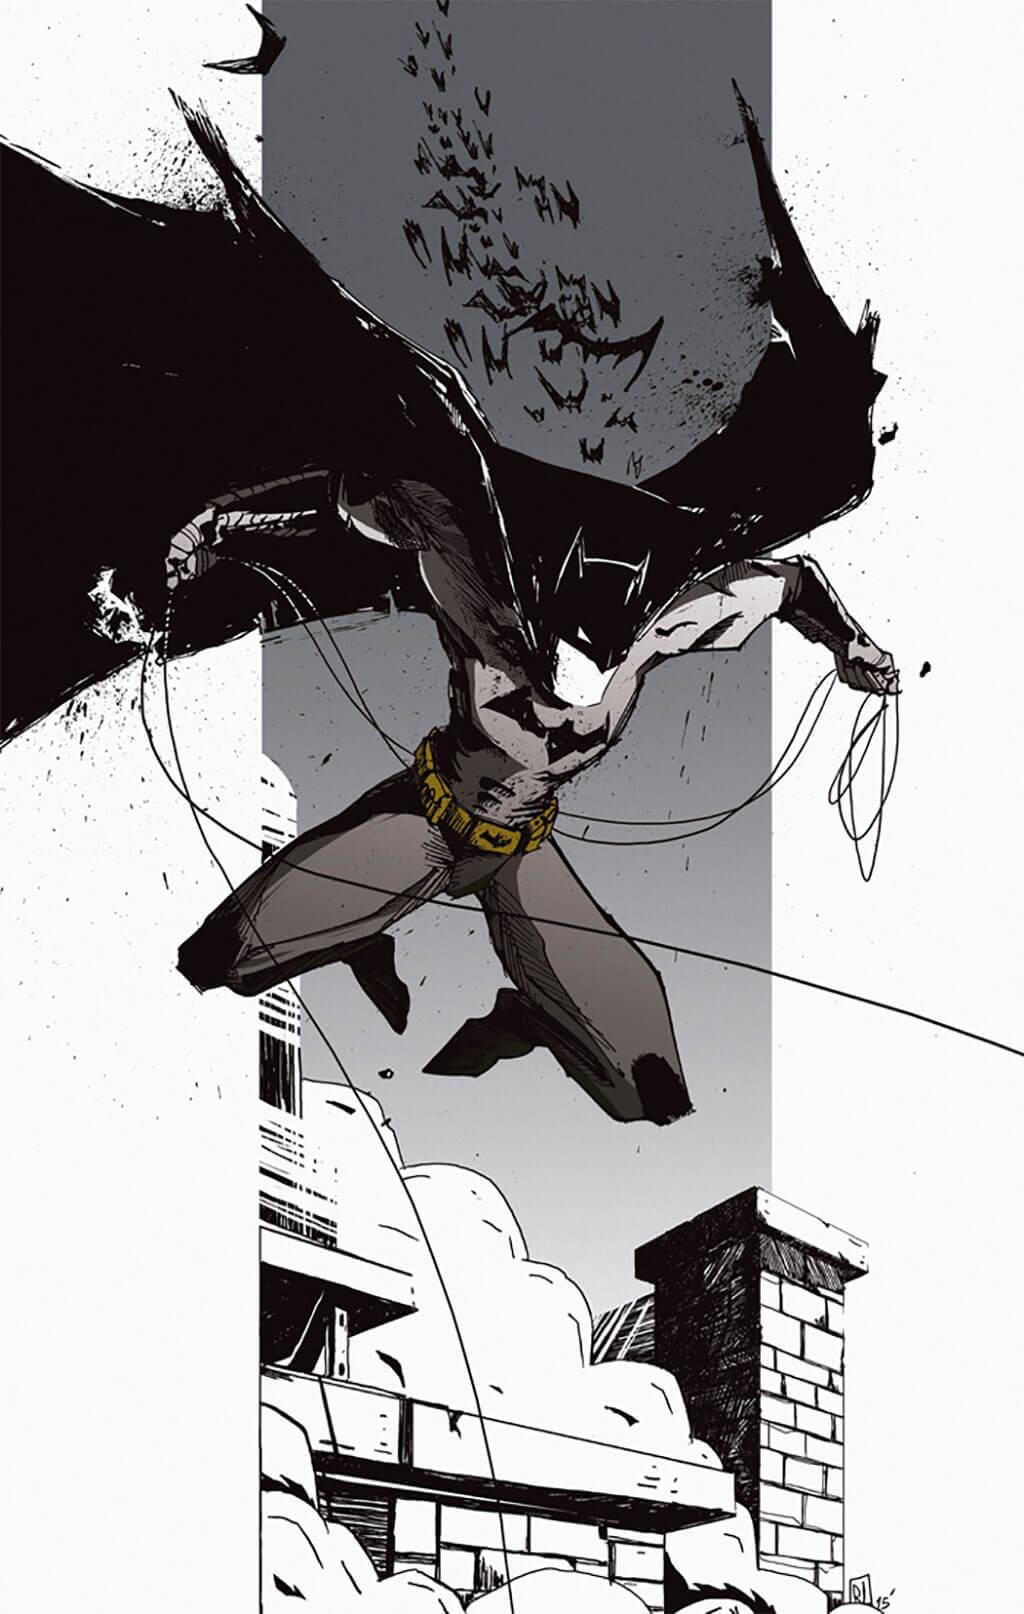 Batman Fan Art by Romain Laforet